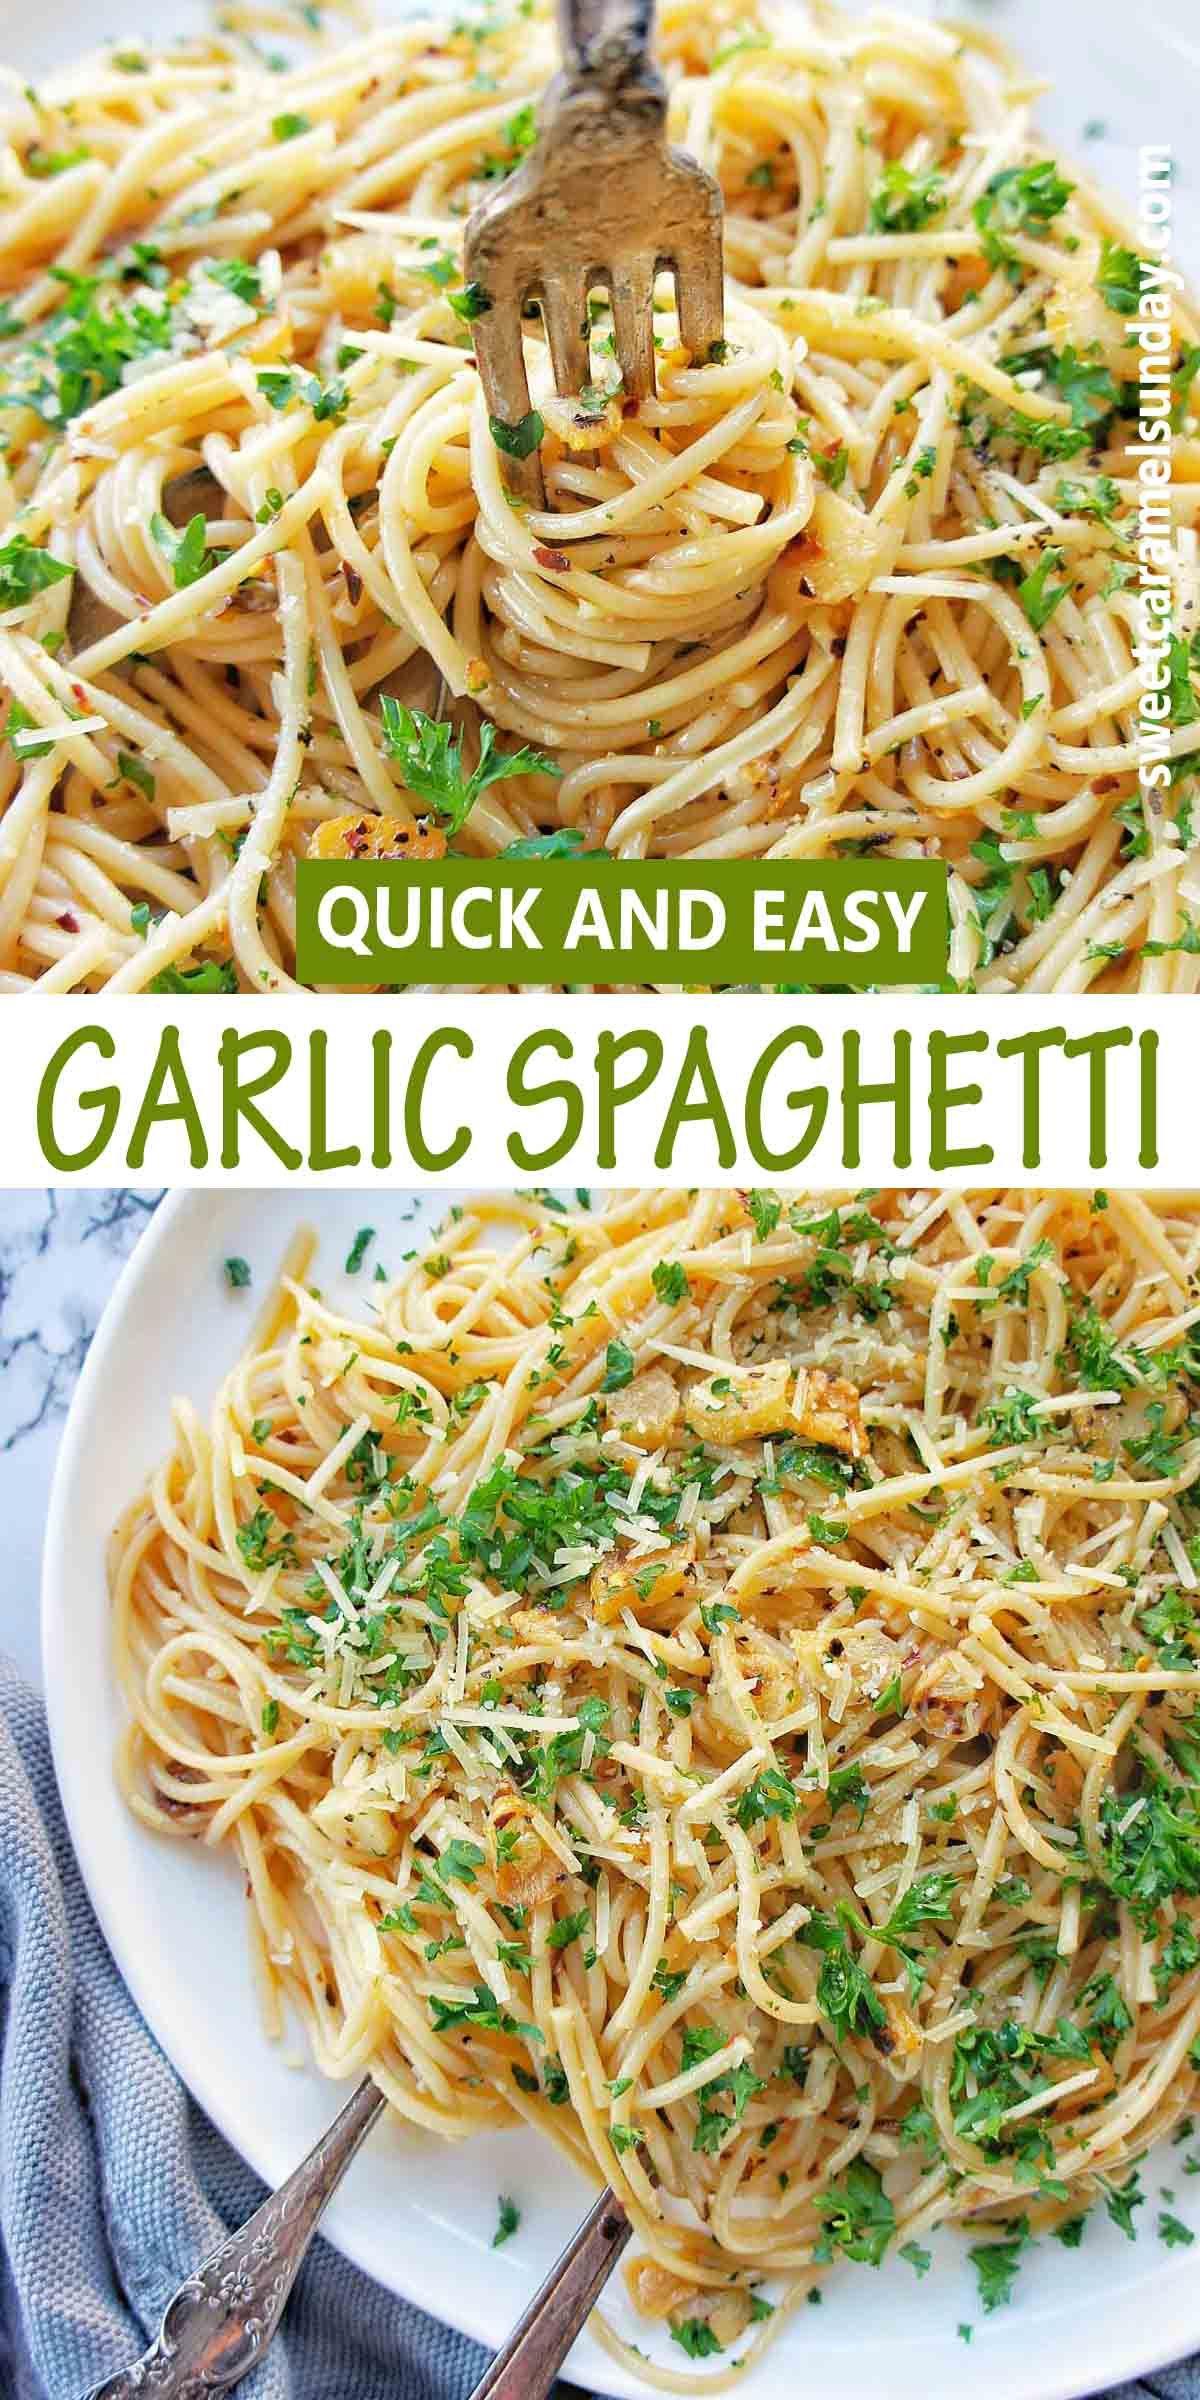 Garlic Spaghetti (Super quick, easy recipe!)